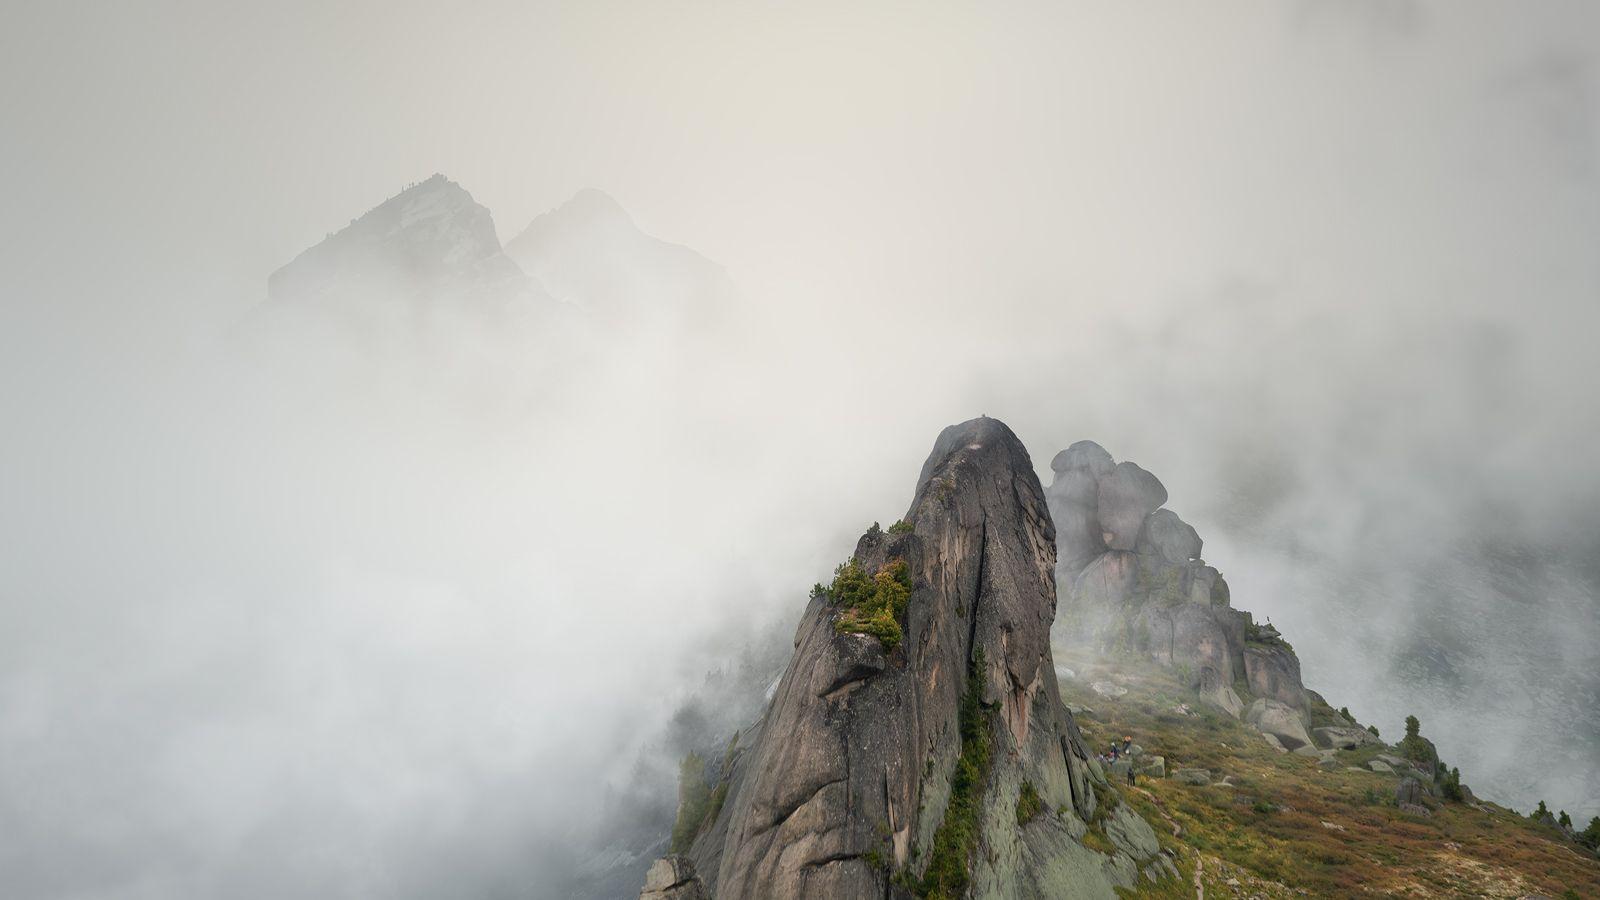 природа, пейзаж, горы, саян, слоники, звездный, сибирь, красноярский край, скалы, Антипов Дмитрий